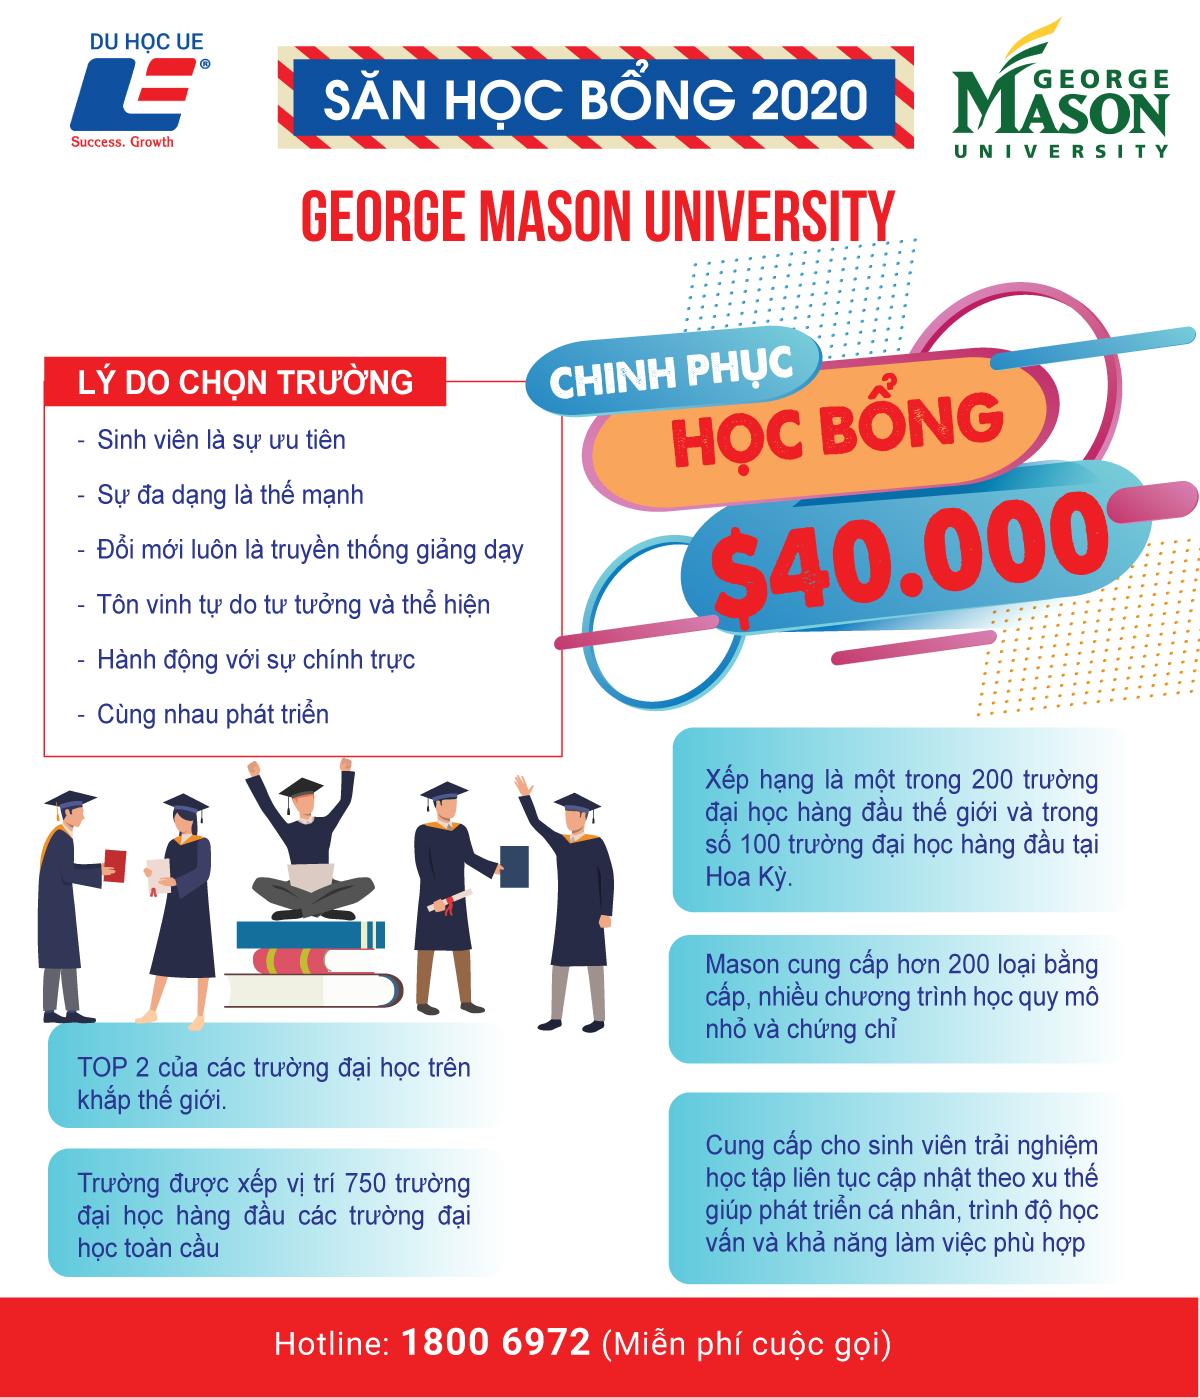 Chinh phục học bổng $40.000 từ George Mason University - Môi trường đào tạo giáo dục lý tưởng đa văn hóa và sắc tộc